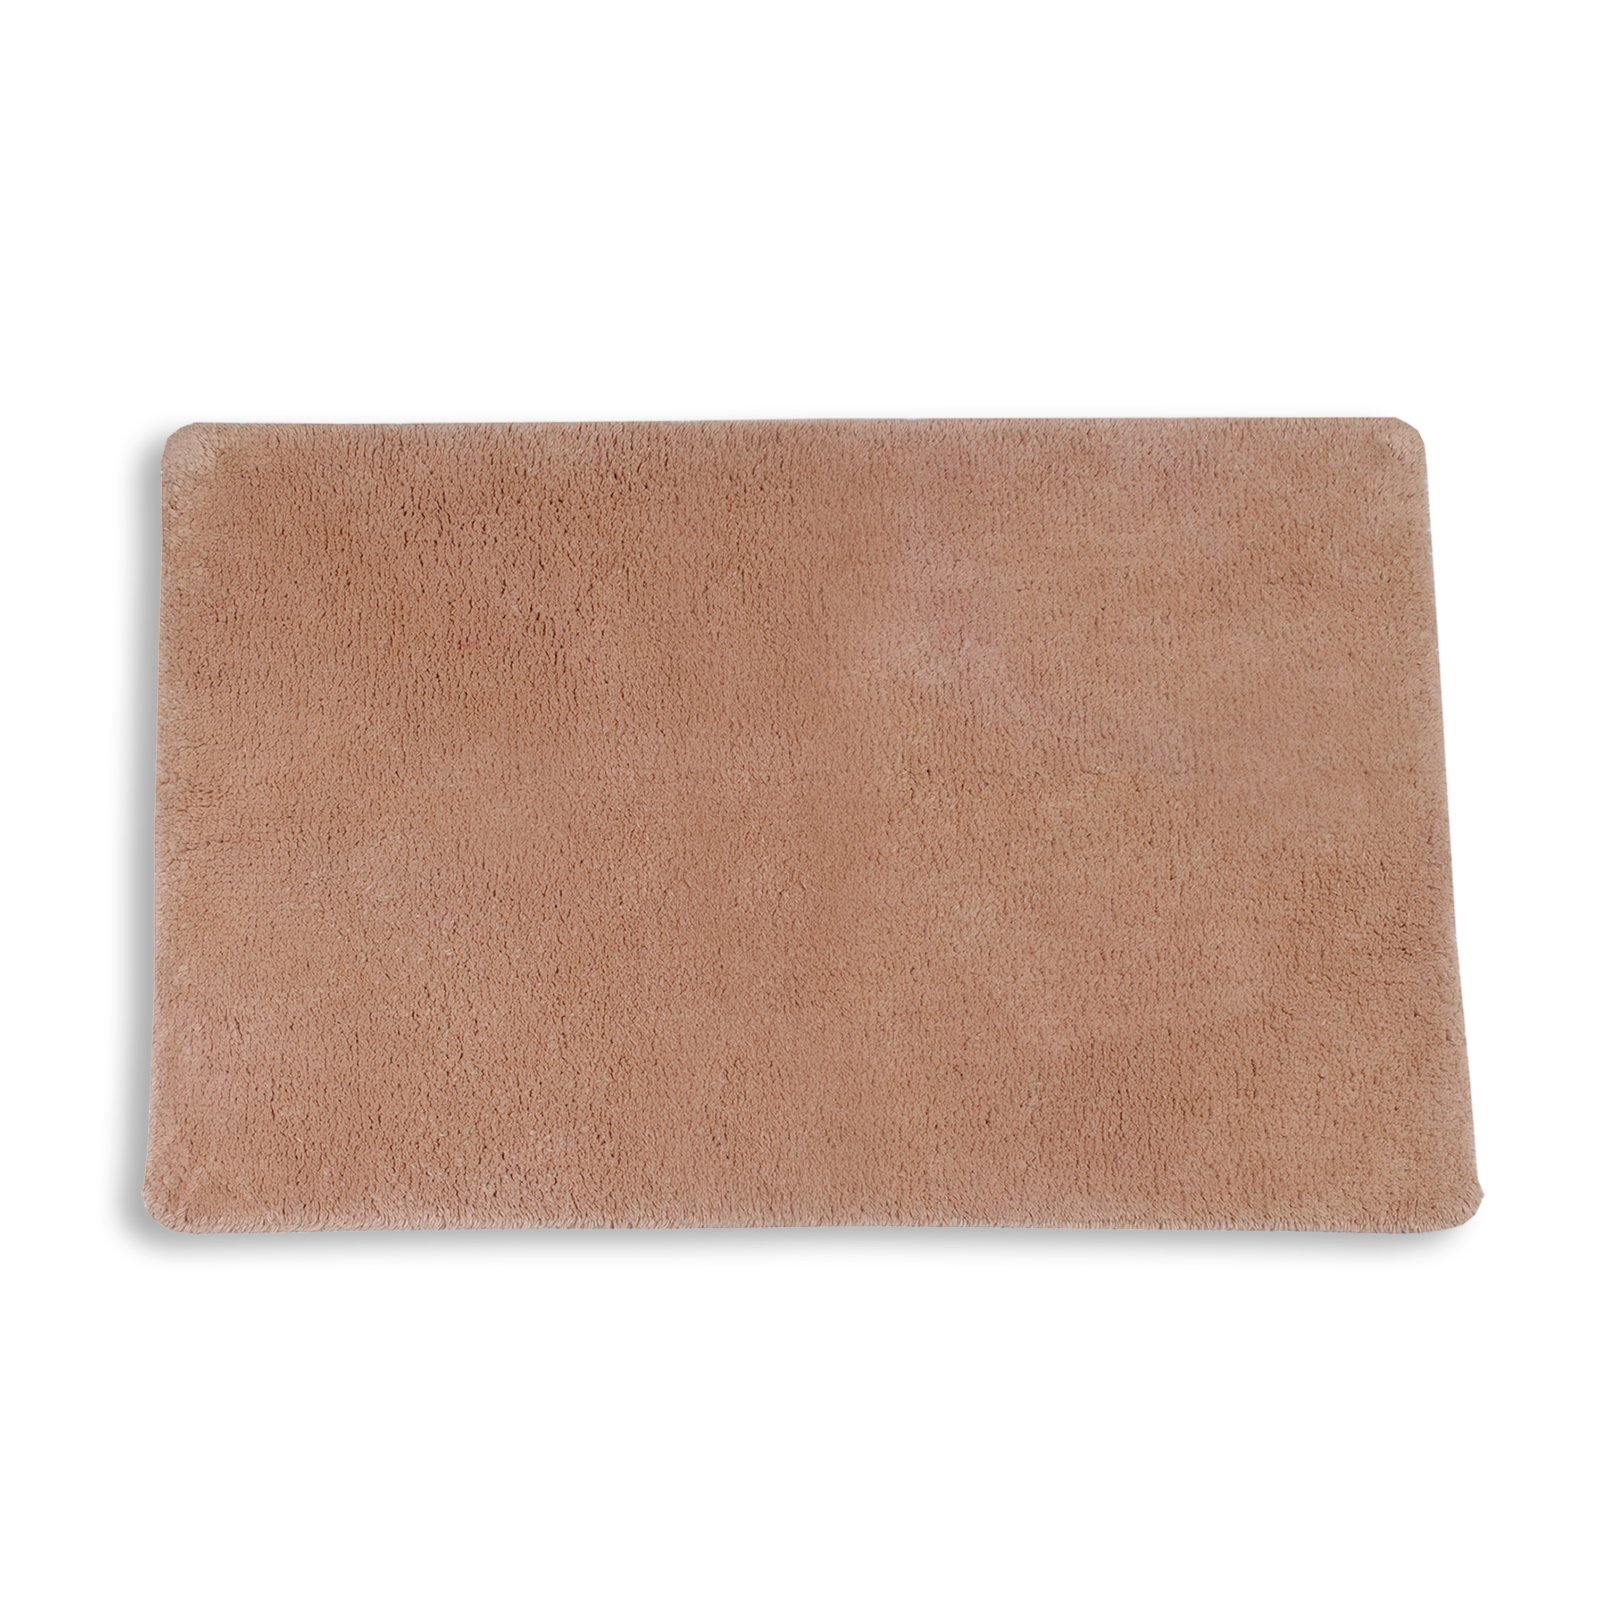 Badteppich - beige - Baumwolle - 50x80 cm